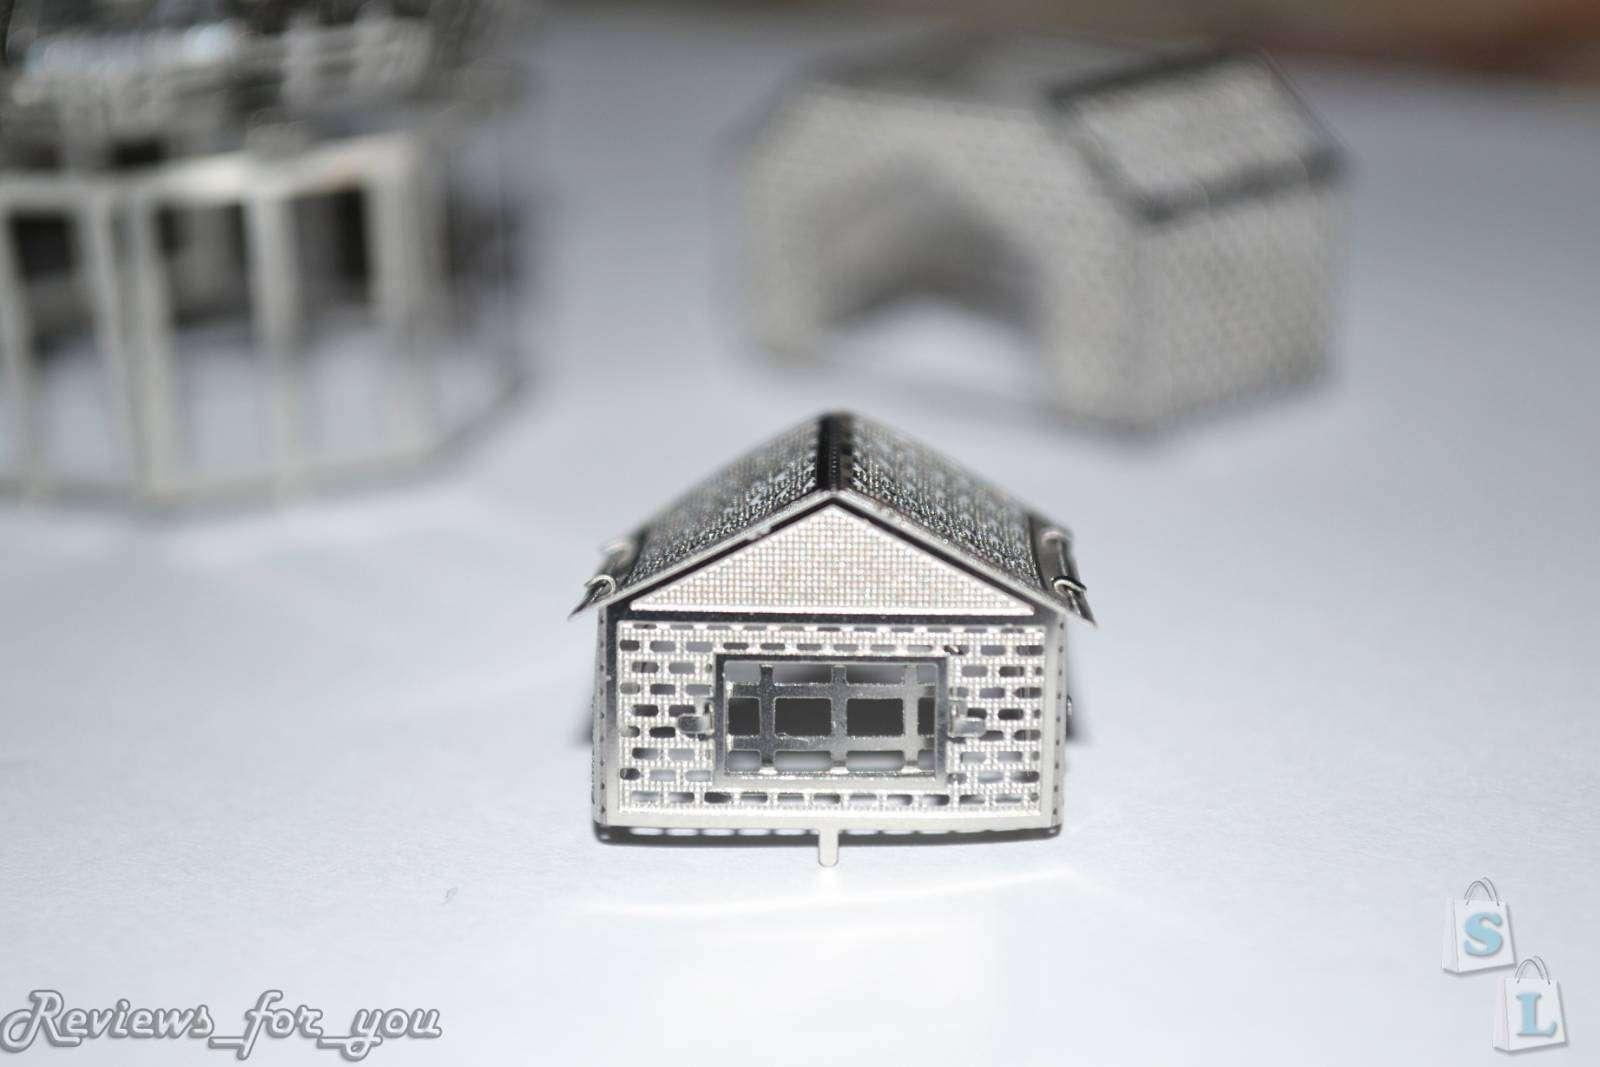 ChinaBuye: Обзор двух метталических 3D пазлов: 'Ветряная мельница' и 'Лондонский мост' (Windmill, London Bridge)